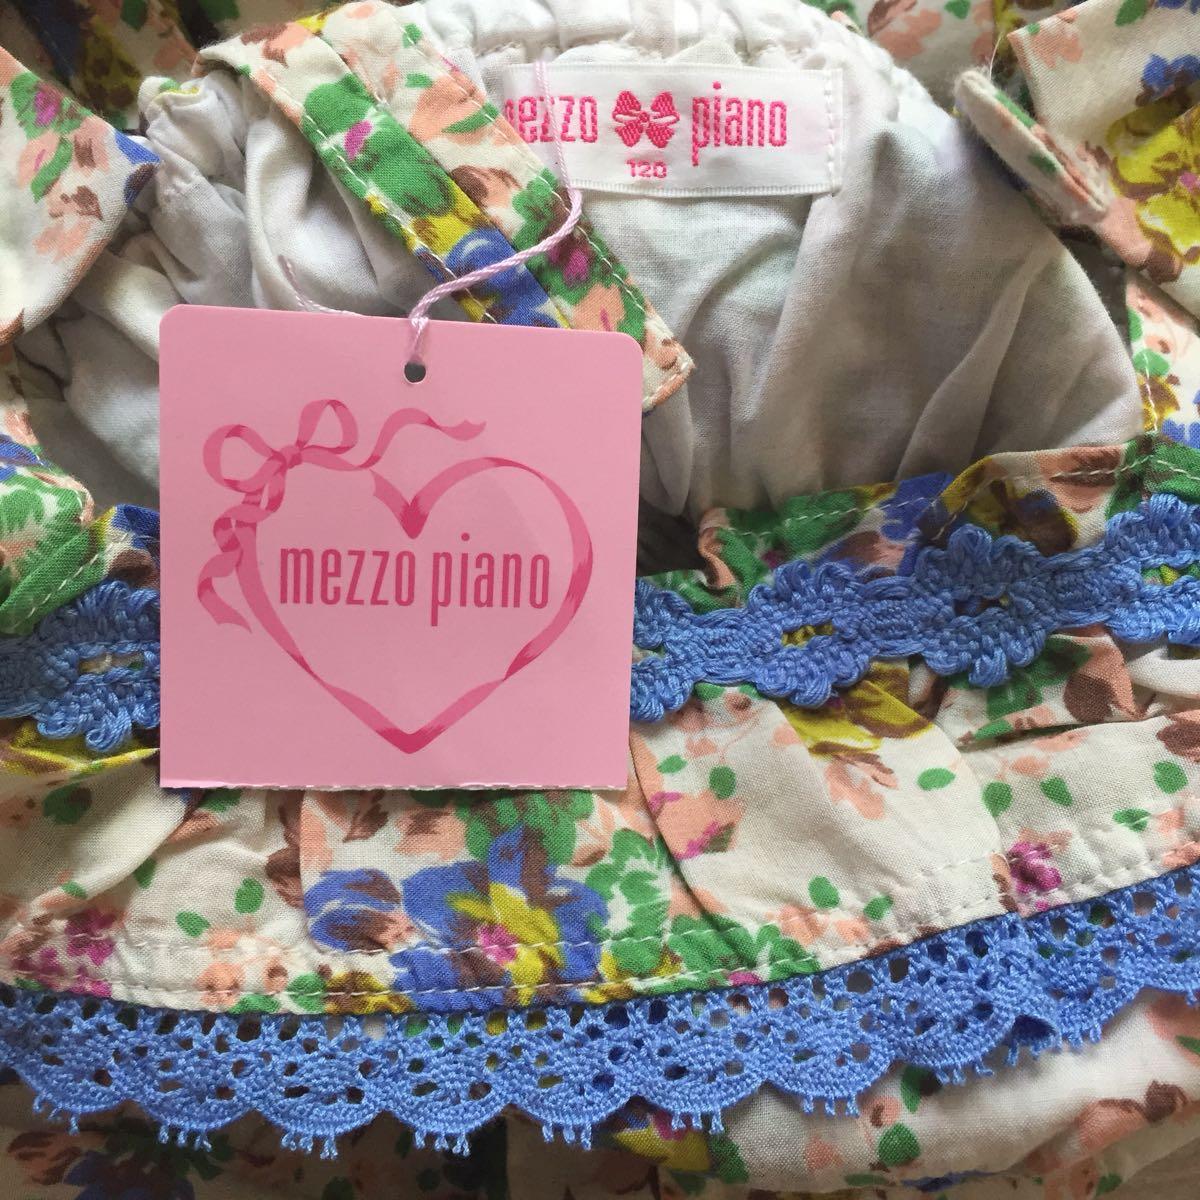 新品タグ 未使用 未着 mezzo pianoメゾピアノ 綿混 可愛い花柄フリルスカートワンピース サイズ120 オフホワイト、ピンク、青、黄_画像7